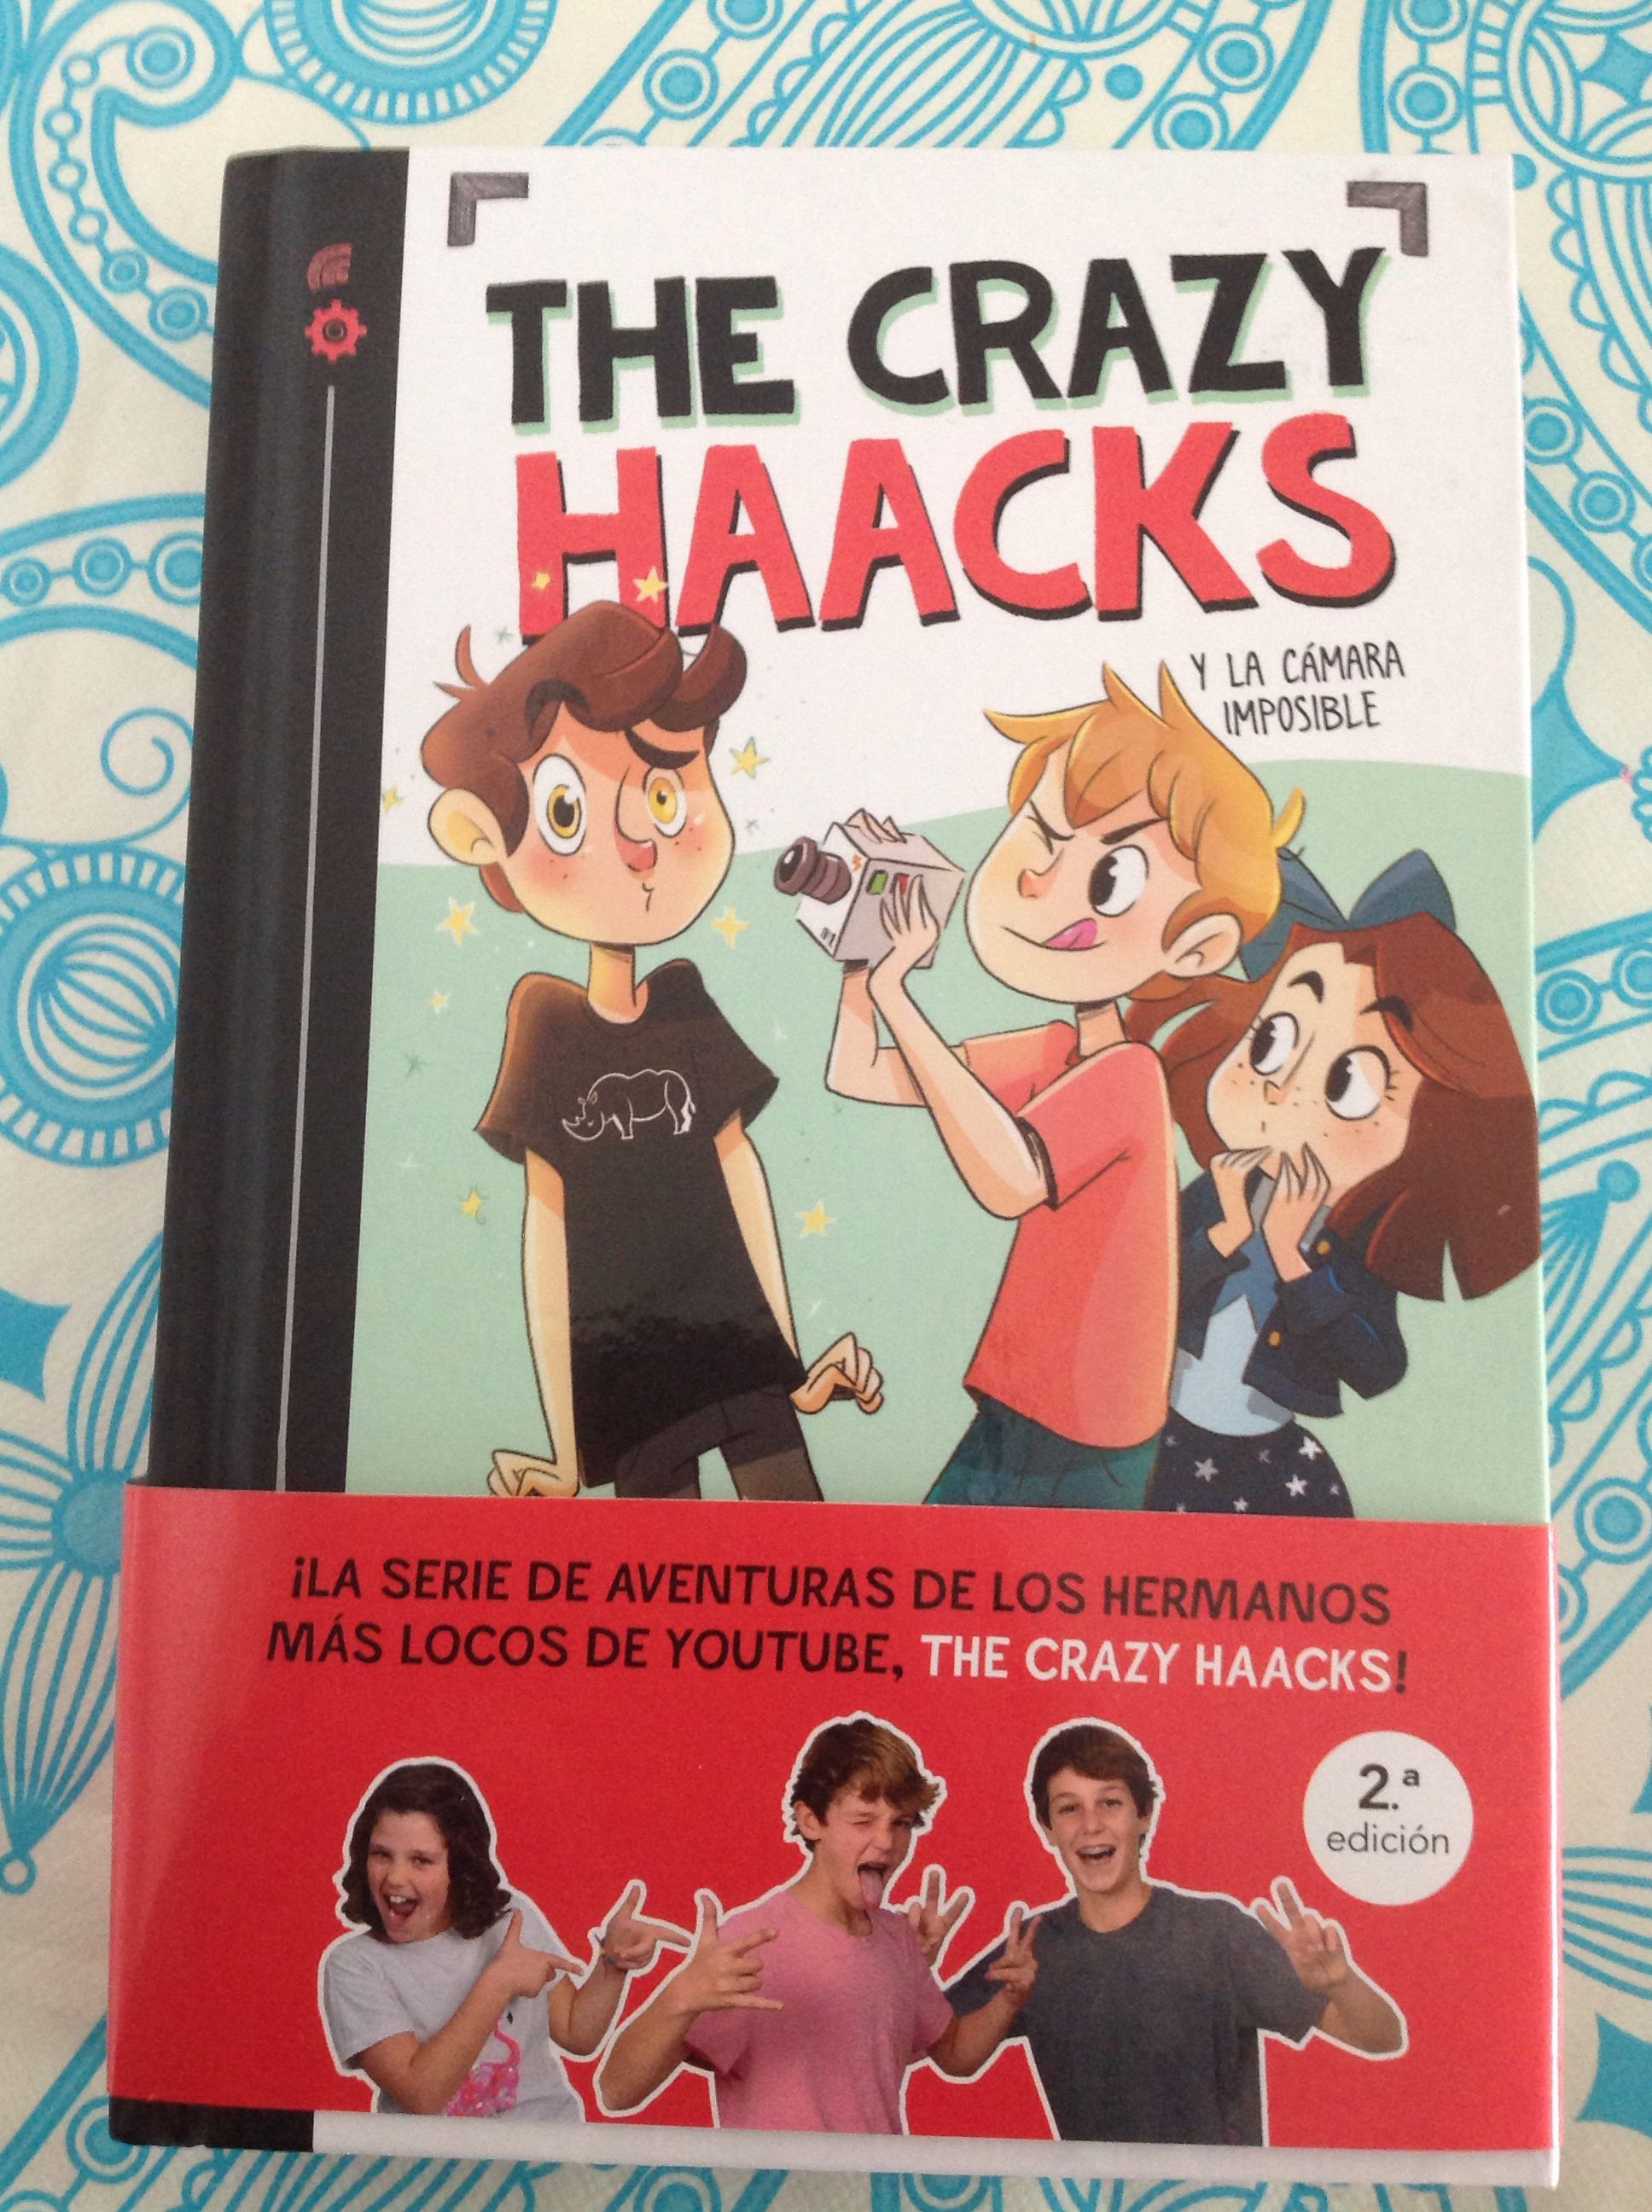 The crazy haacks | que bonita | Los mejores libros, Libros para niños,  Libros